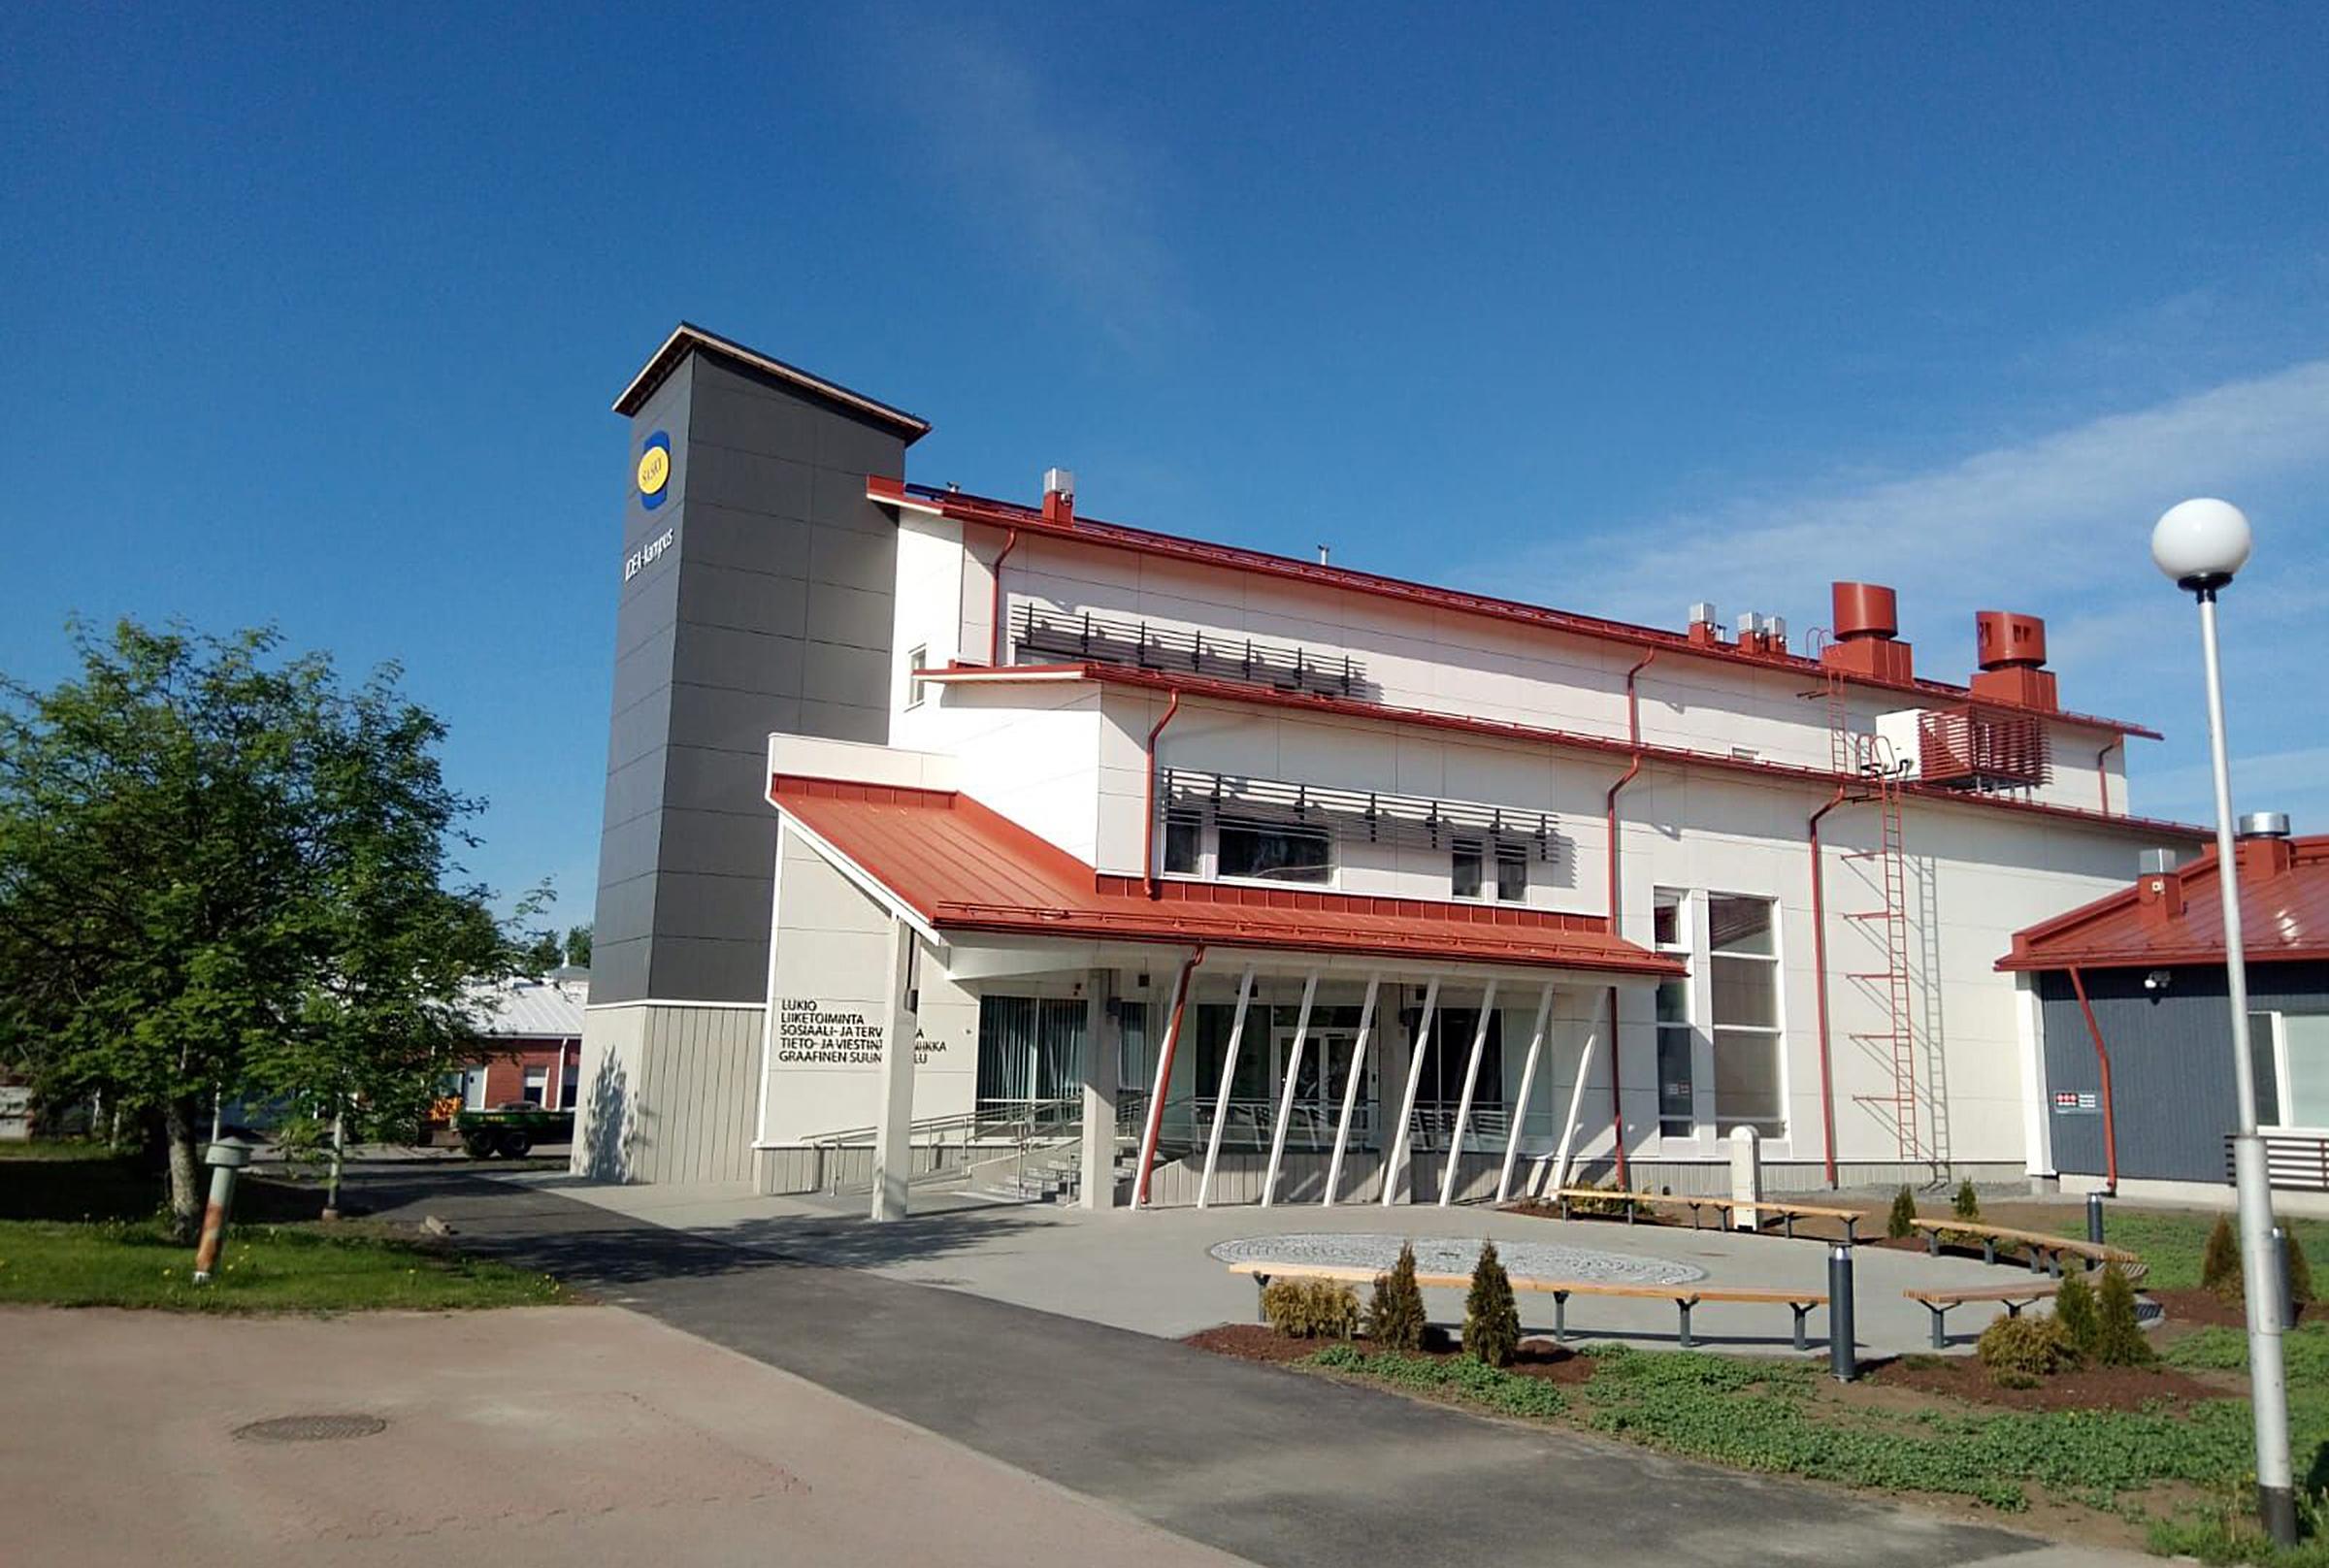 Valkoinen moderni koulurakennus, jossa vasemmalla reunalla harmaa tornimainen rakennelma, jonka seinässä sini-keltainen logo, Saskyn IDEA-kampus uudisrakennus Ikaalisissa, kesäinen kuva.